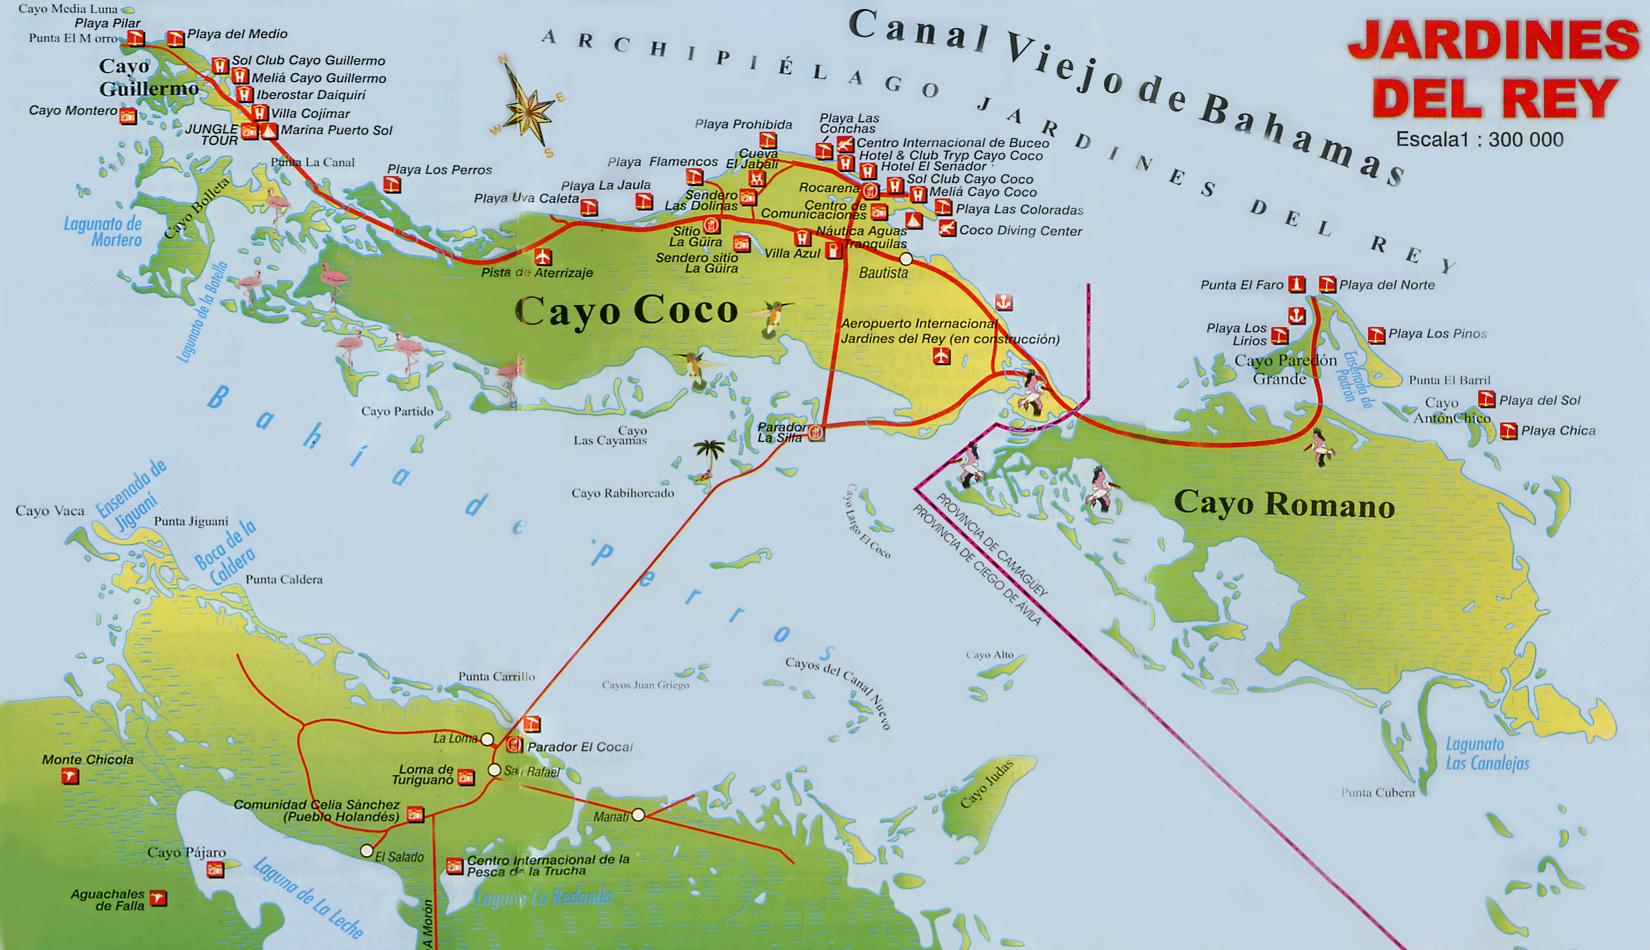 Cayo coco cuba map for Jardines del rey